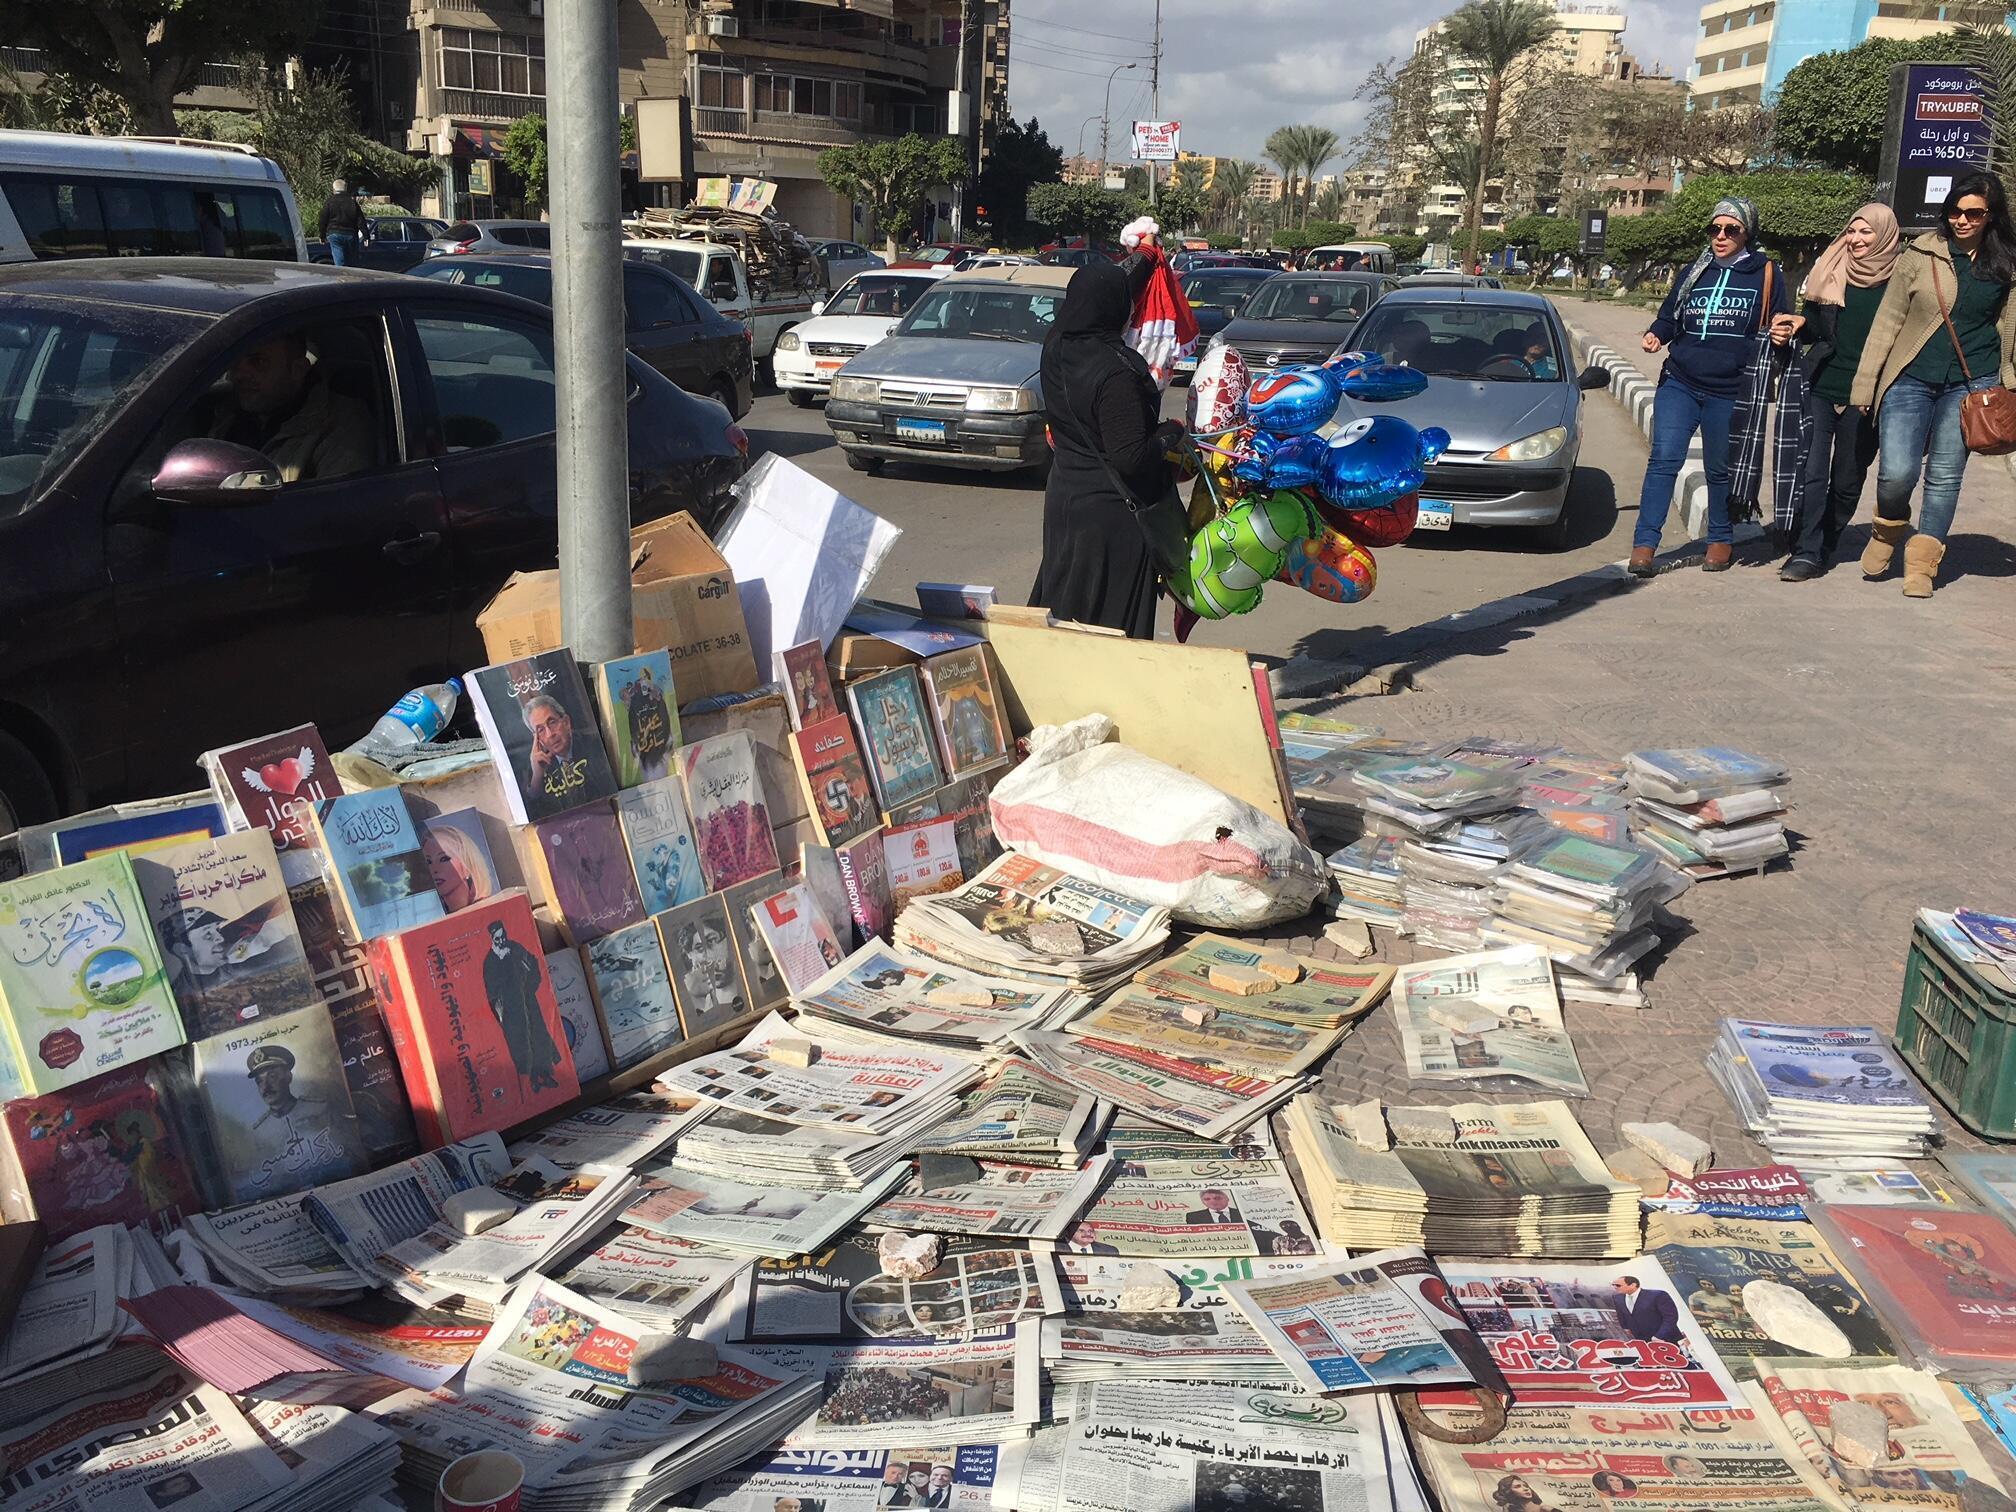 Des étudiantes se dirigent vers une librairie à même le trottoir où les livres côtoient la presse et les magazines.